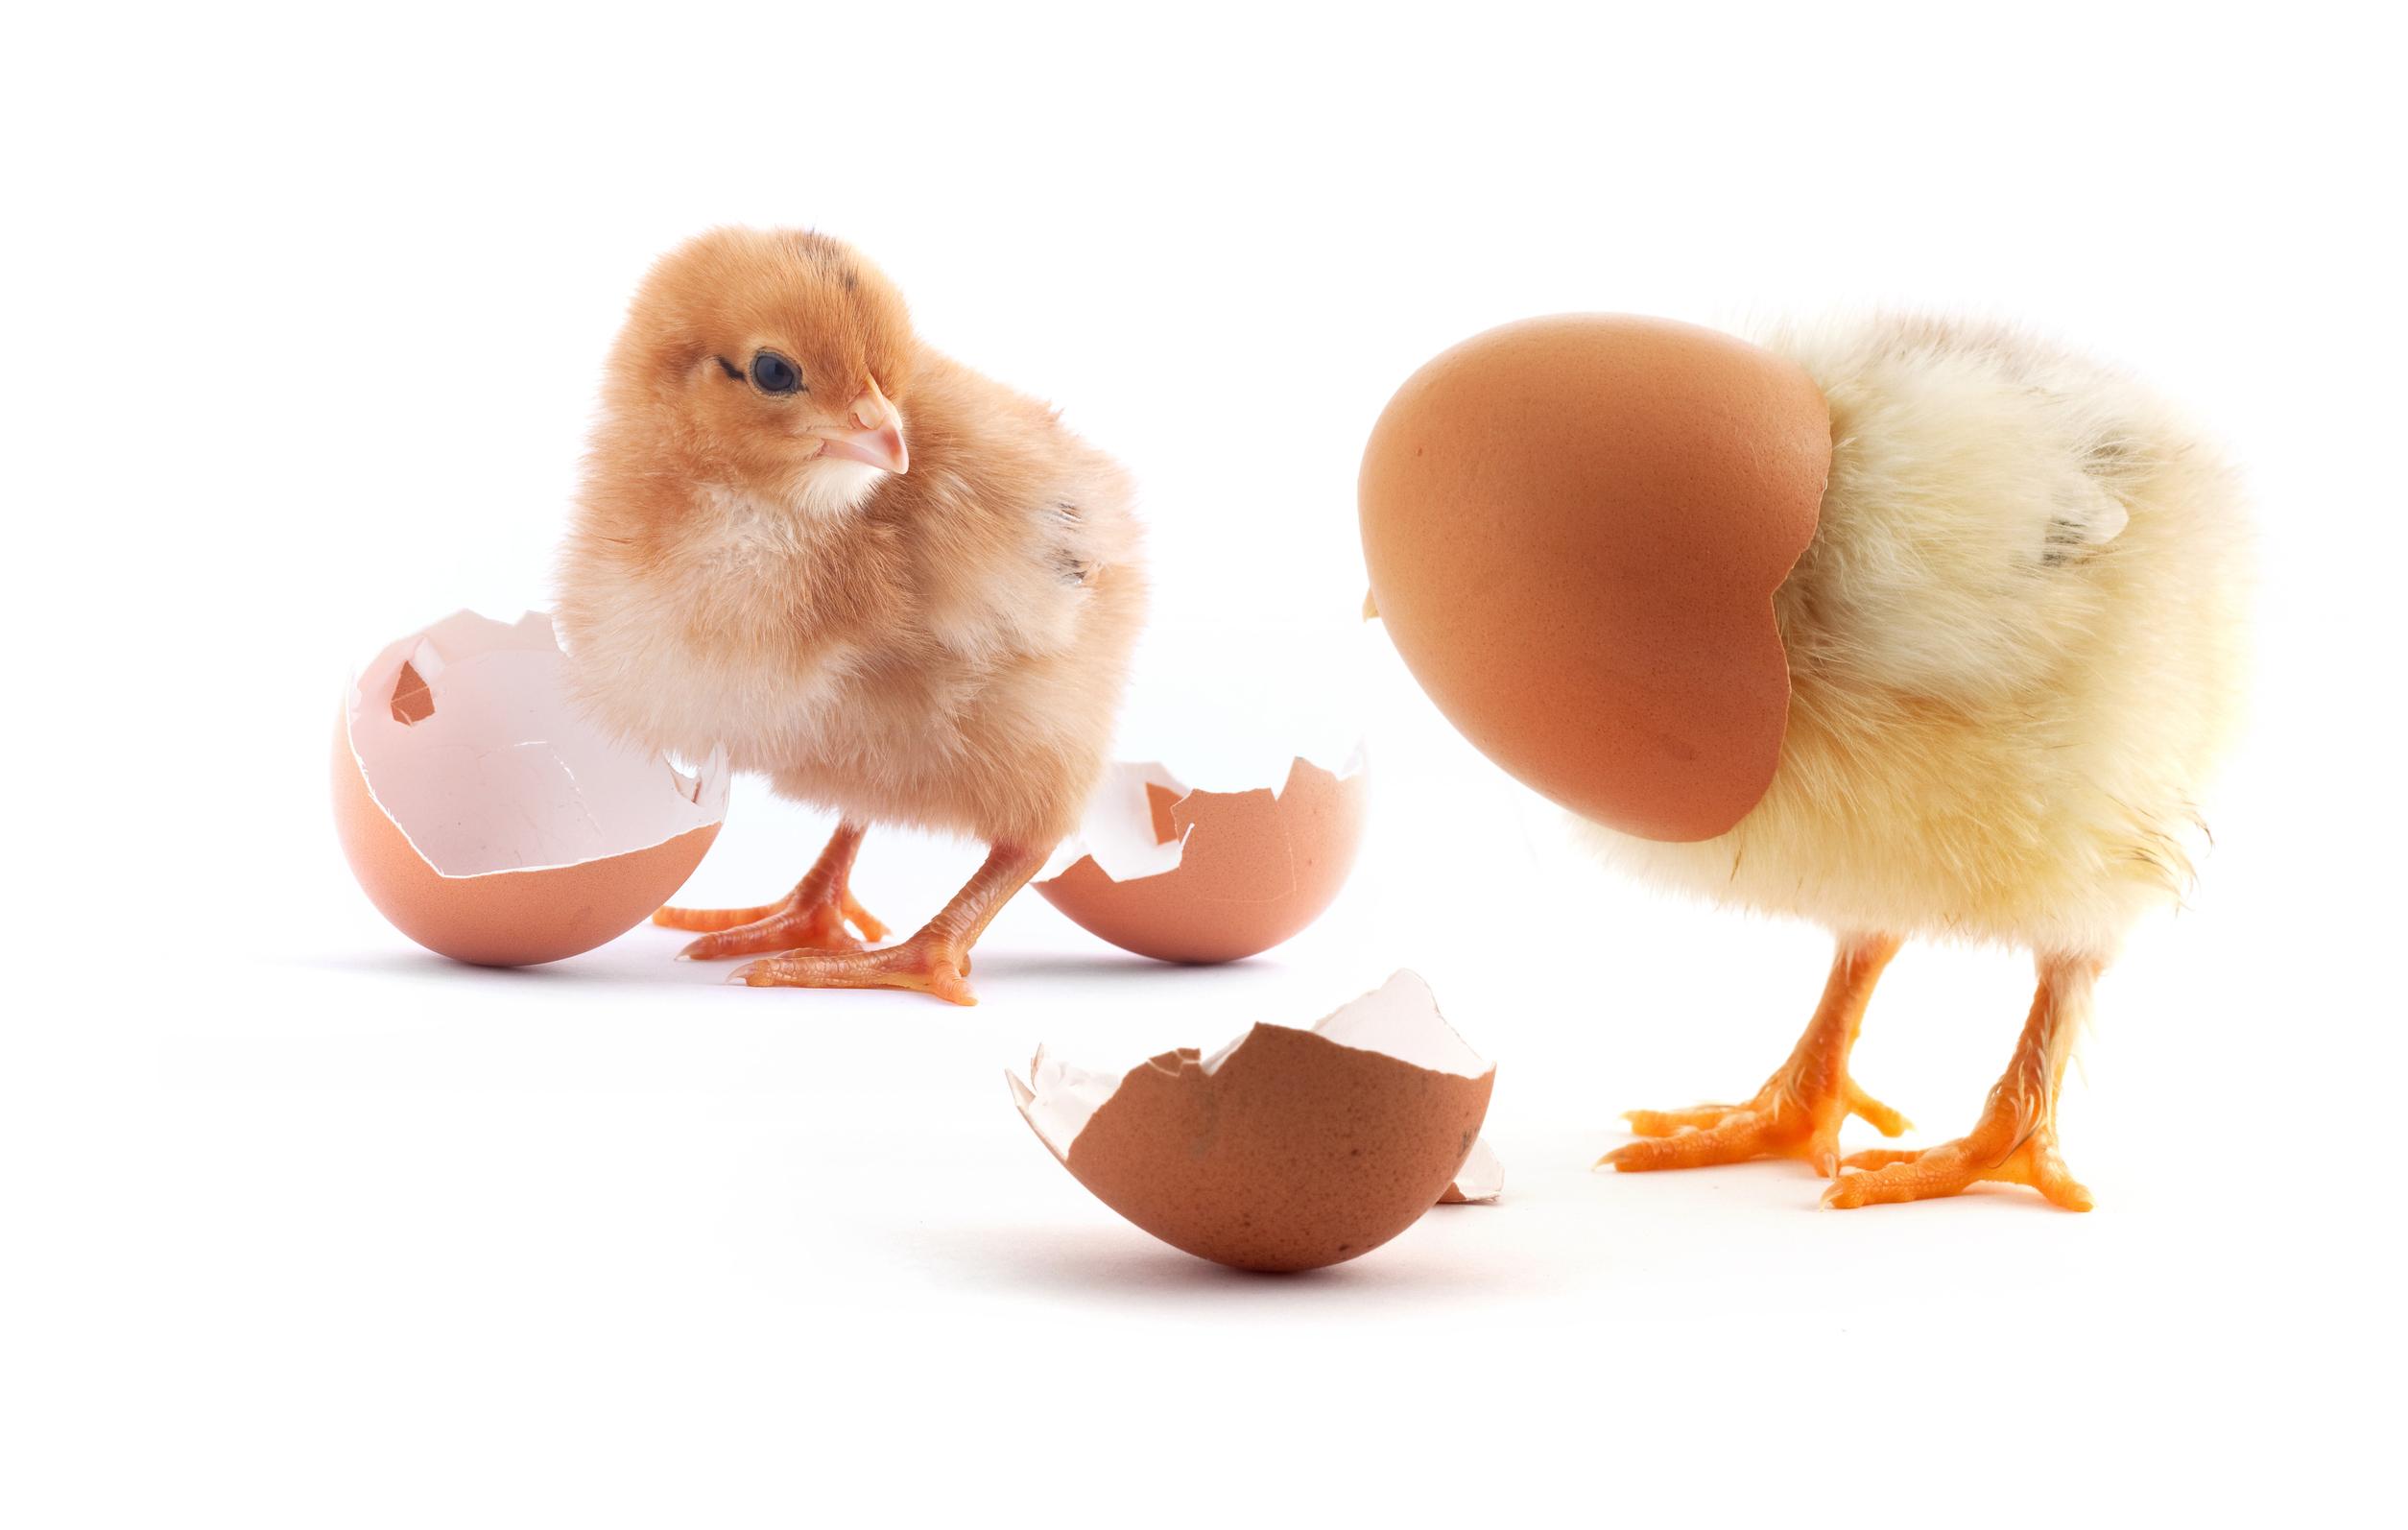 Как по яйцу определить пол цыпленка: как узнать по форме и скорлупе кто вылупится - петух или курица?